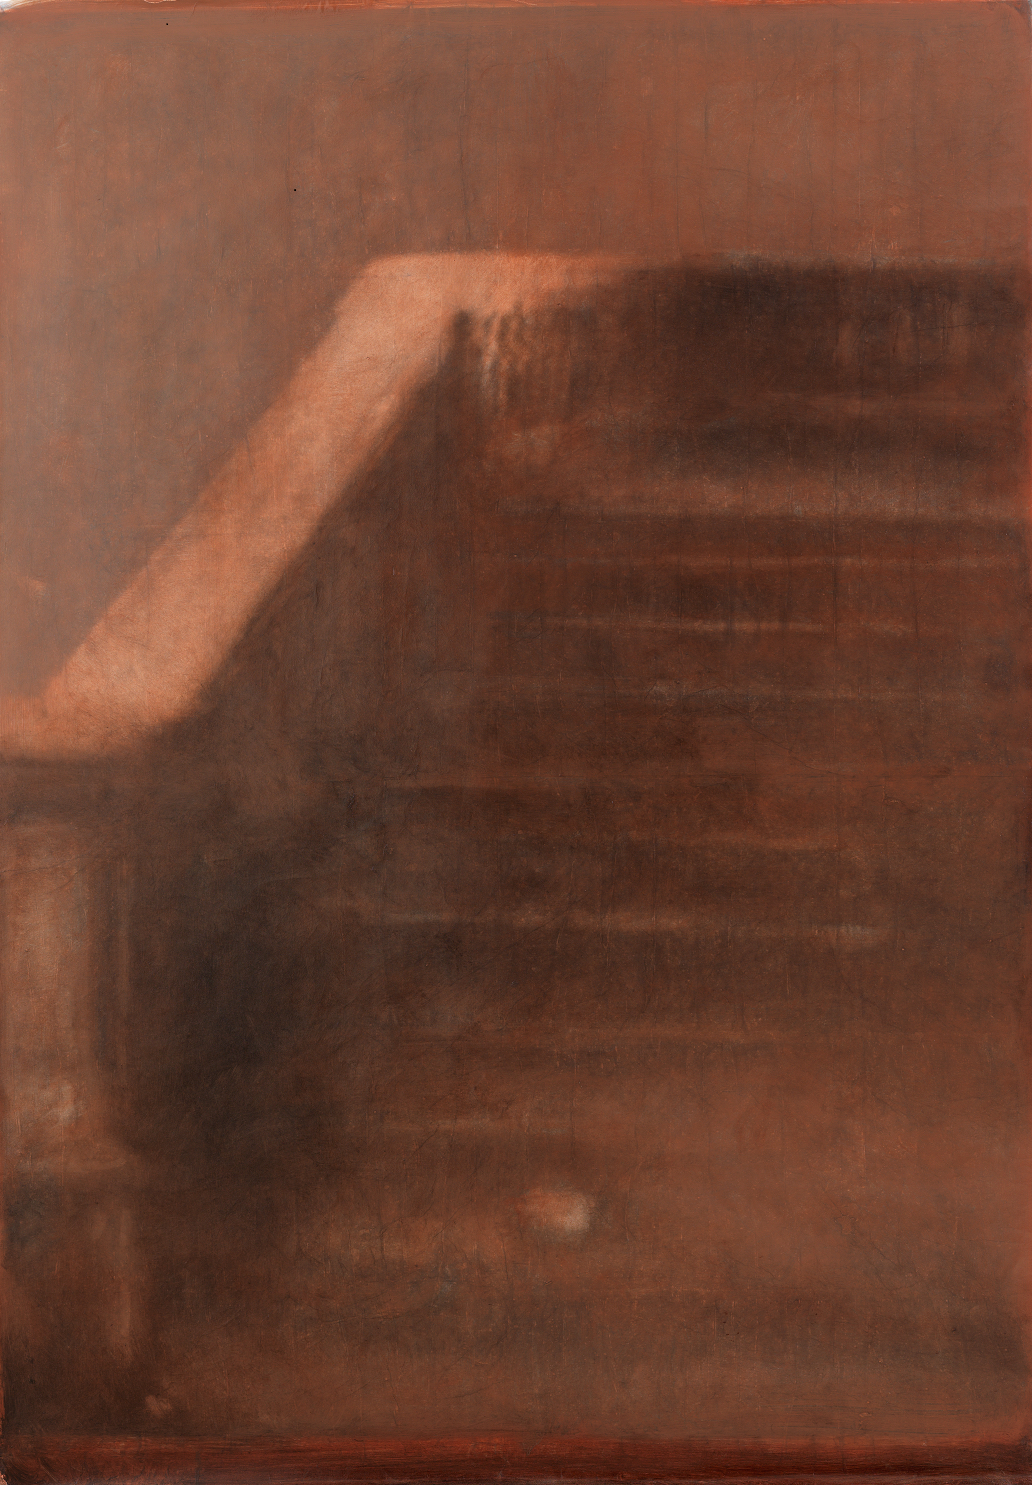 """""""Di ogni cosa è rimasto il vento"""" (dettaglio dell'opera), 2019, gelatina fotosensibile, grafite, olio su tela, 150 x 115 cm, Courtesy l'artista"""